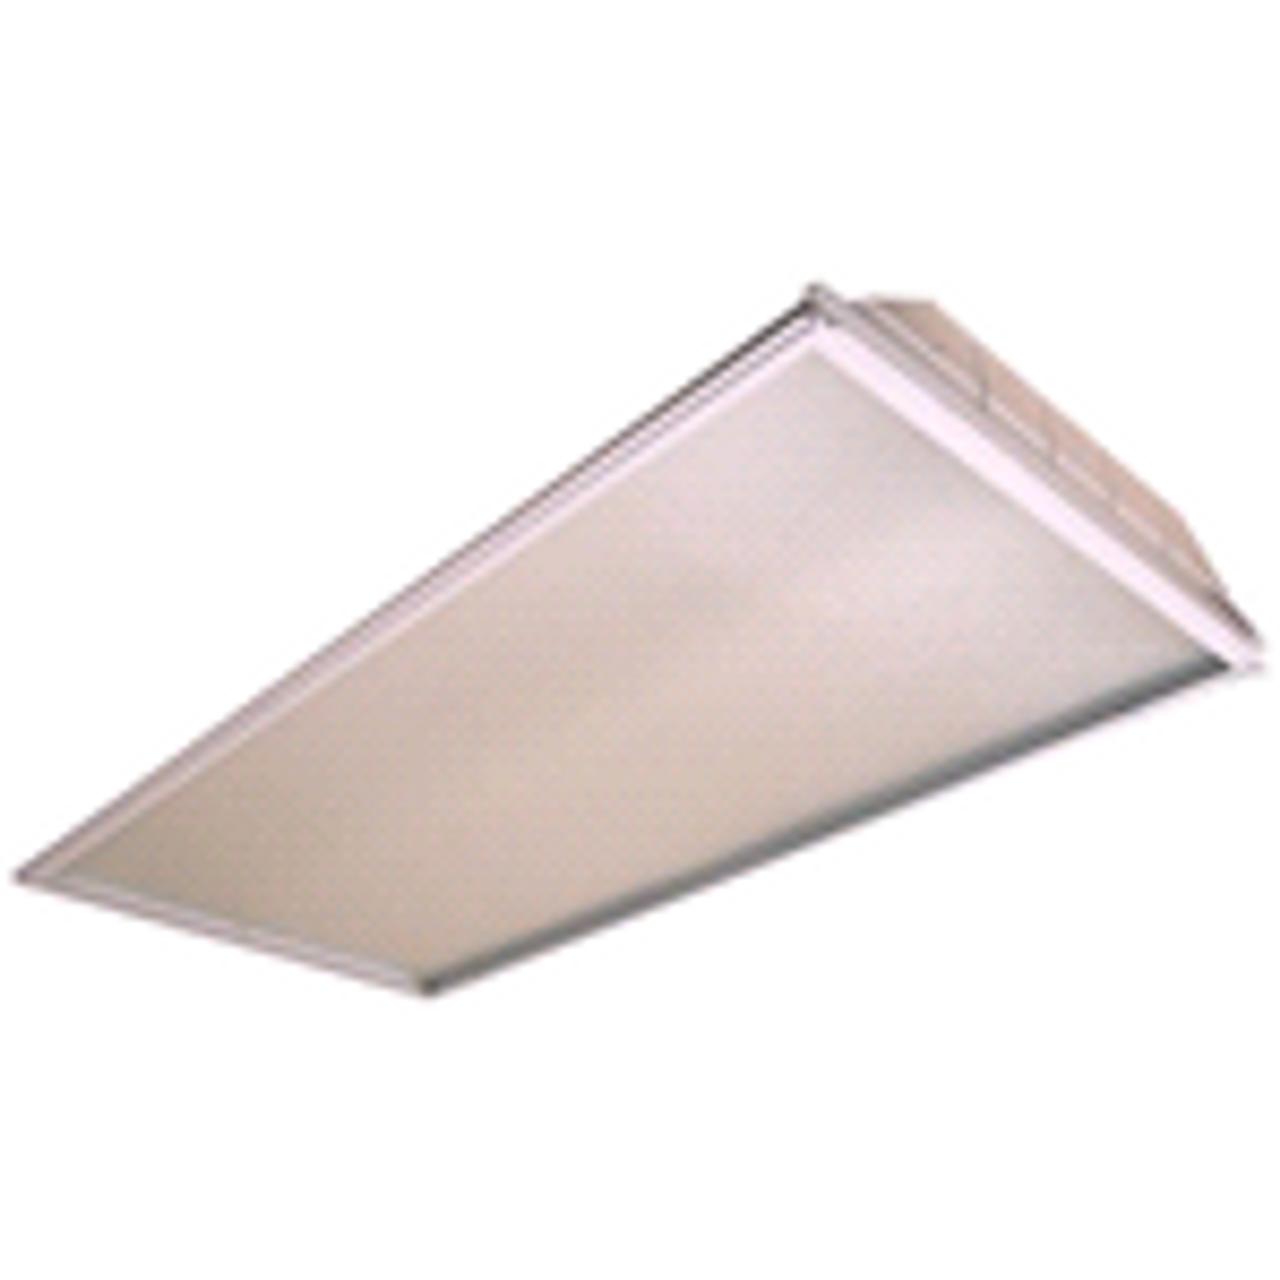 Simkar | Fluorescent Grid Troffer Fixture | 2487698